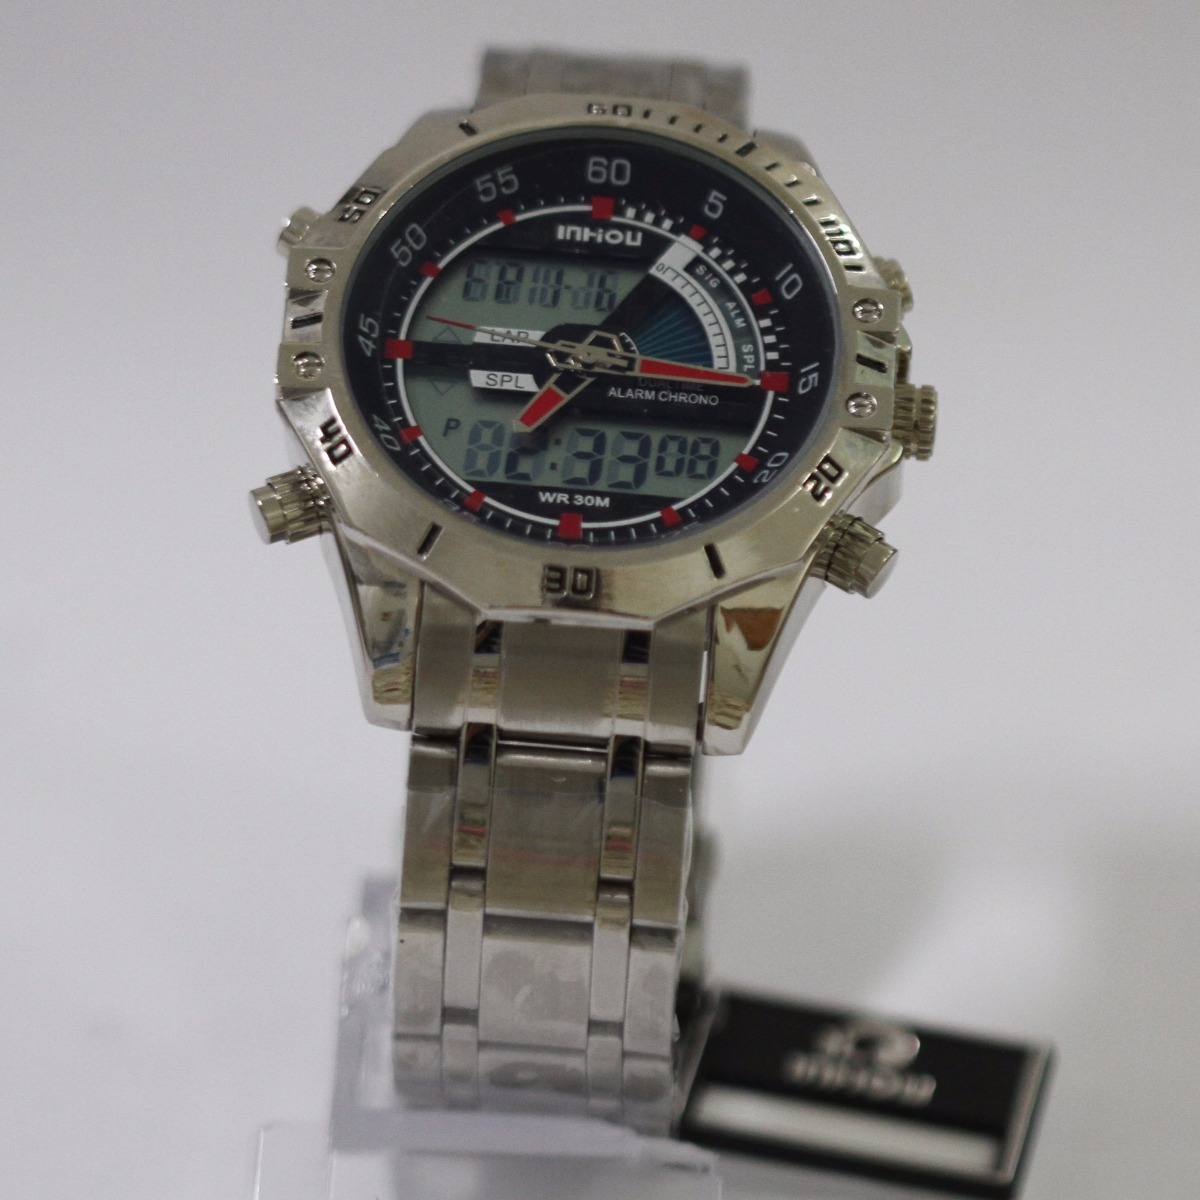 34bec938c5e Relógio Masculino Militar Inhou 1308 Aço Inox A Prova D água - R  78 ...